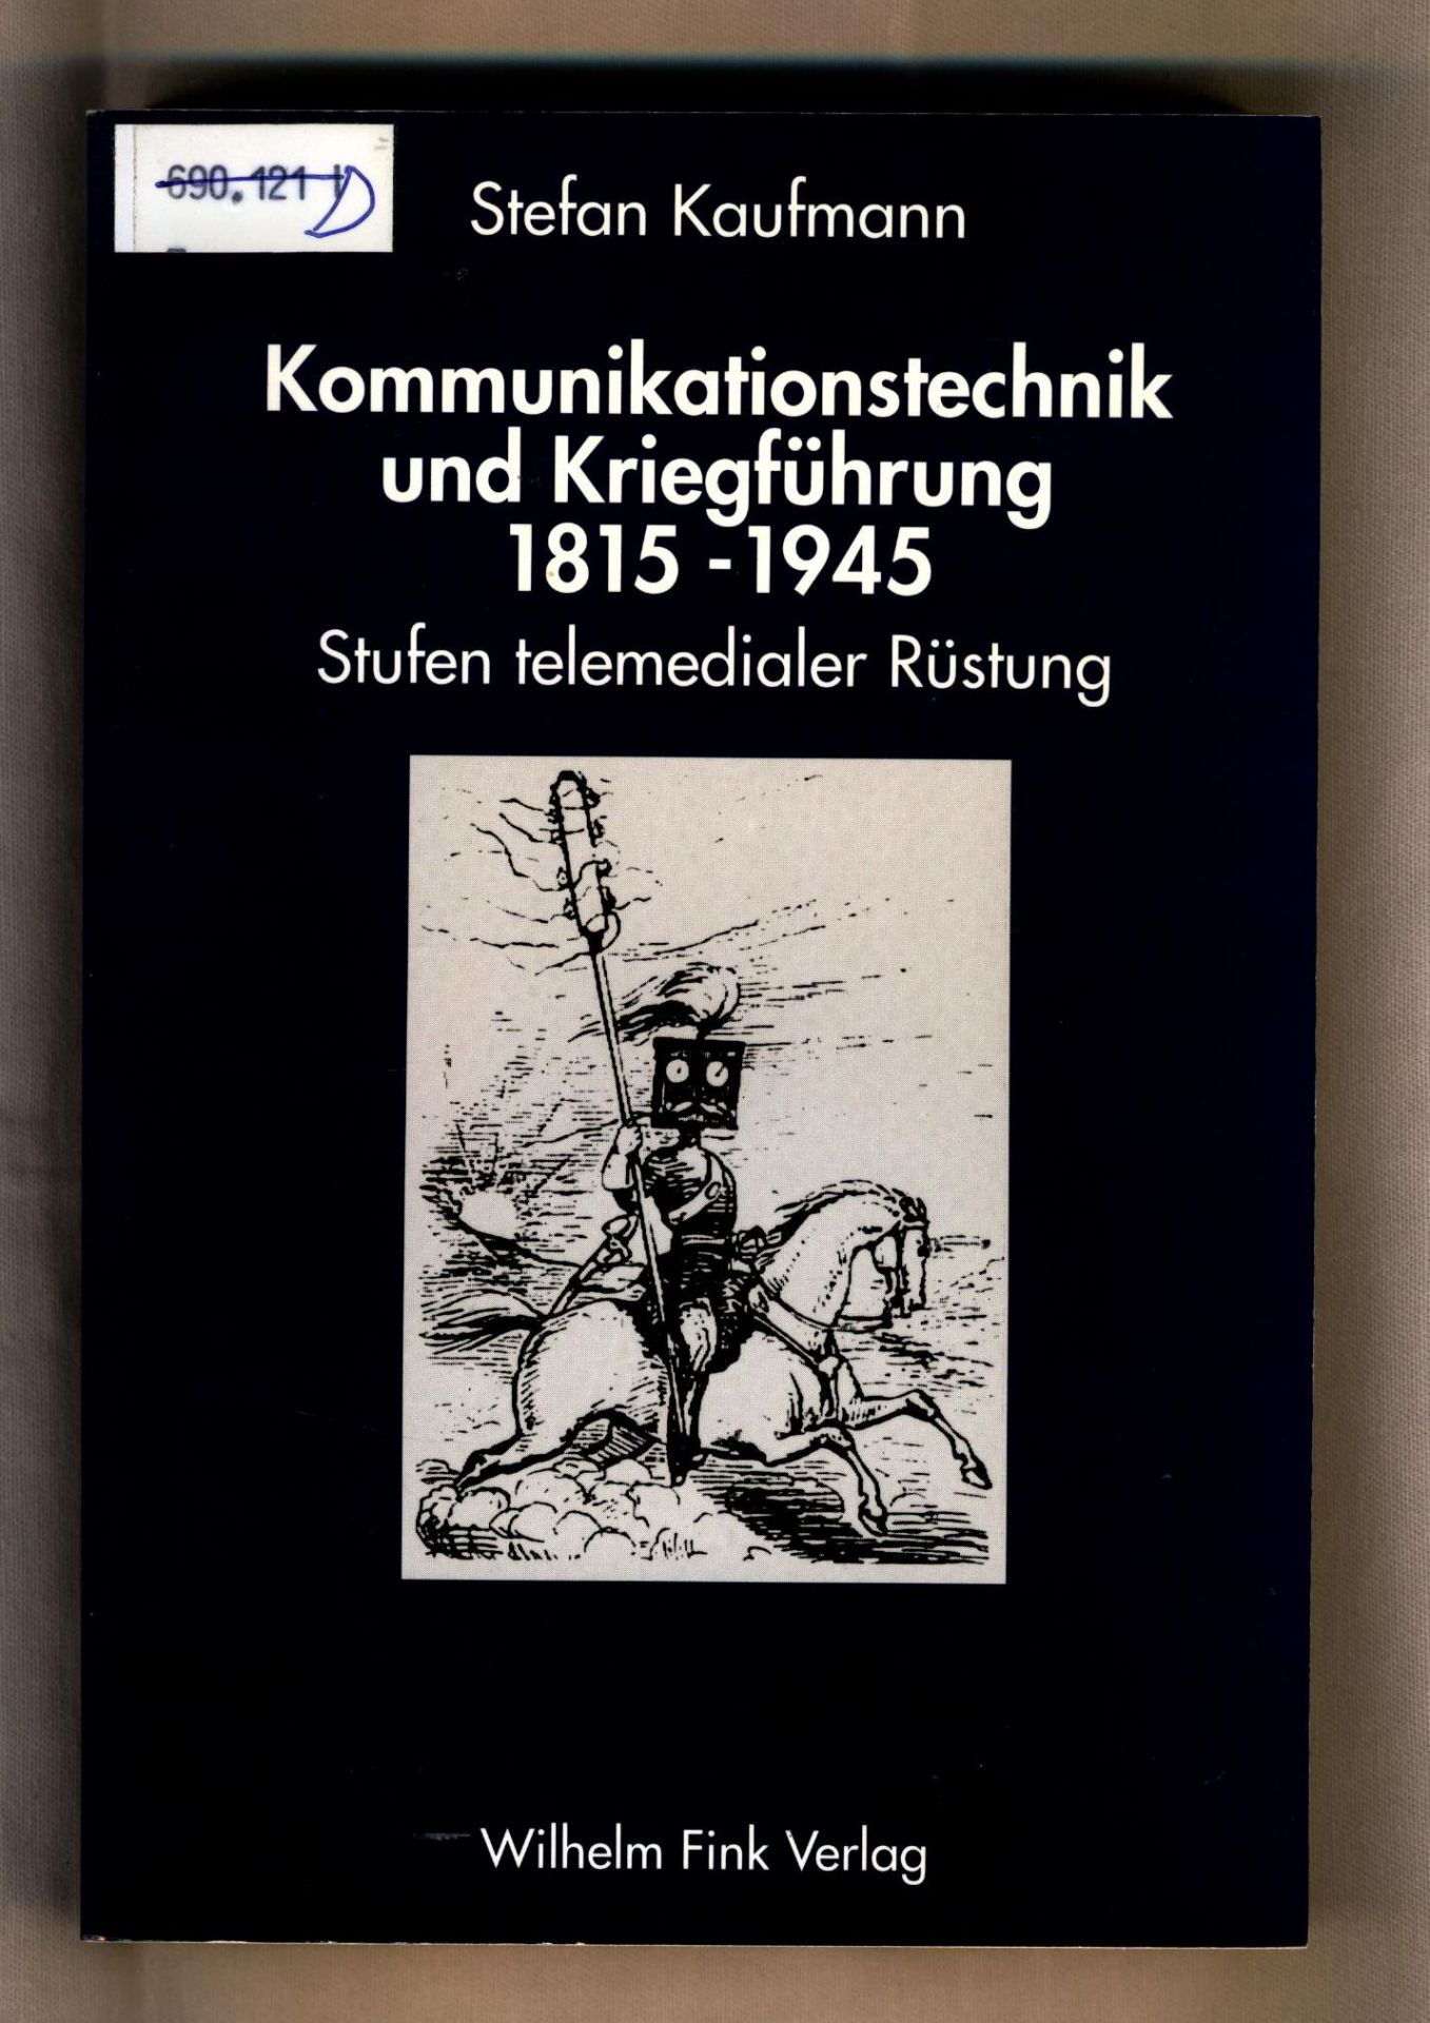 Kommunikationstechnik und Kriegführung 1815 - 1945 Stufen: Kaufmann, Stefan: